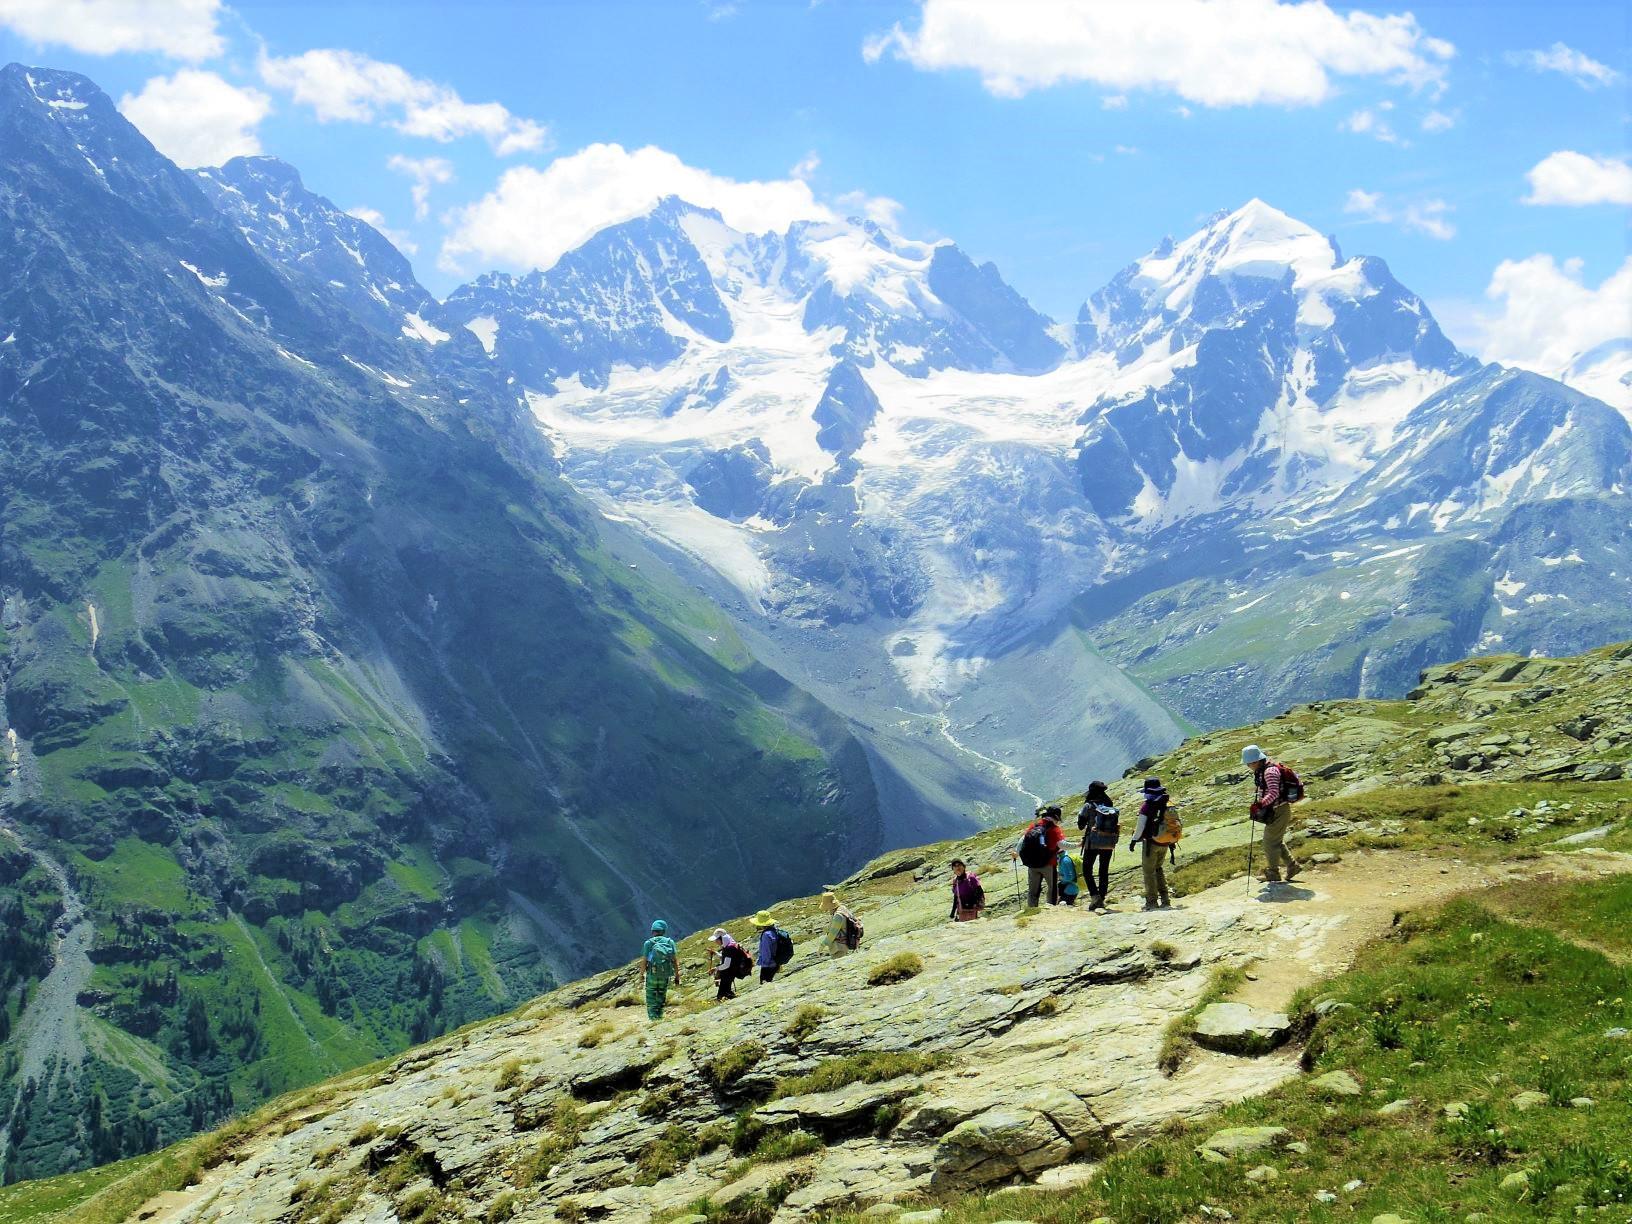 ベルニナ山群展望ハイキング(3日目)。背後に山群最高峰ピッツ・ベルニナ(4,049m、中央)がそびえる(3日目)